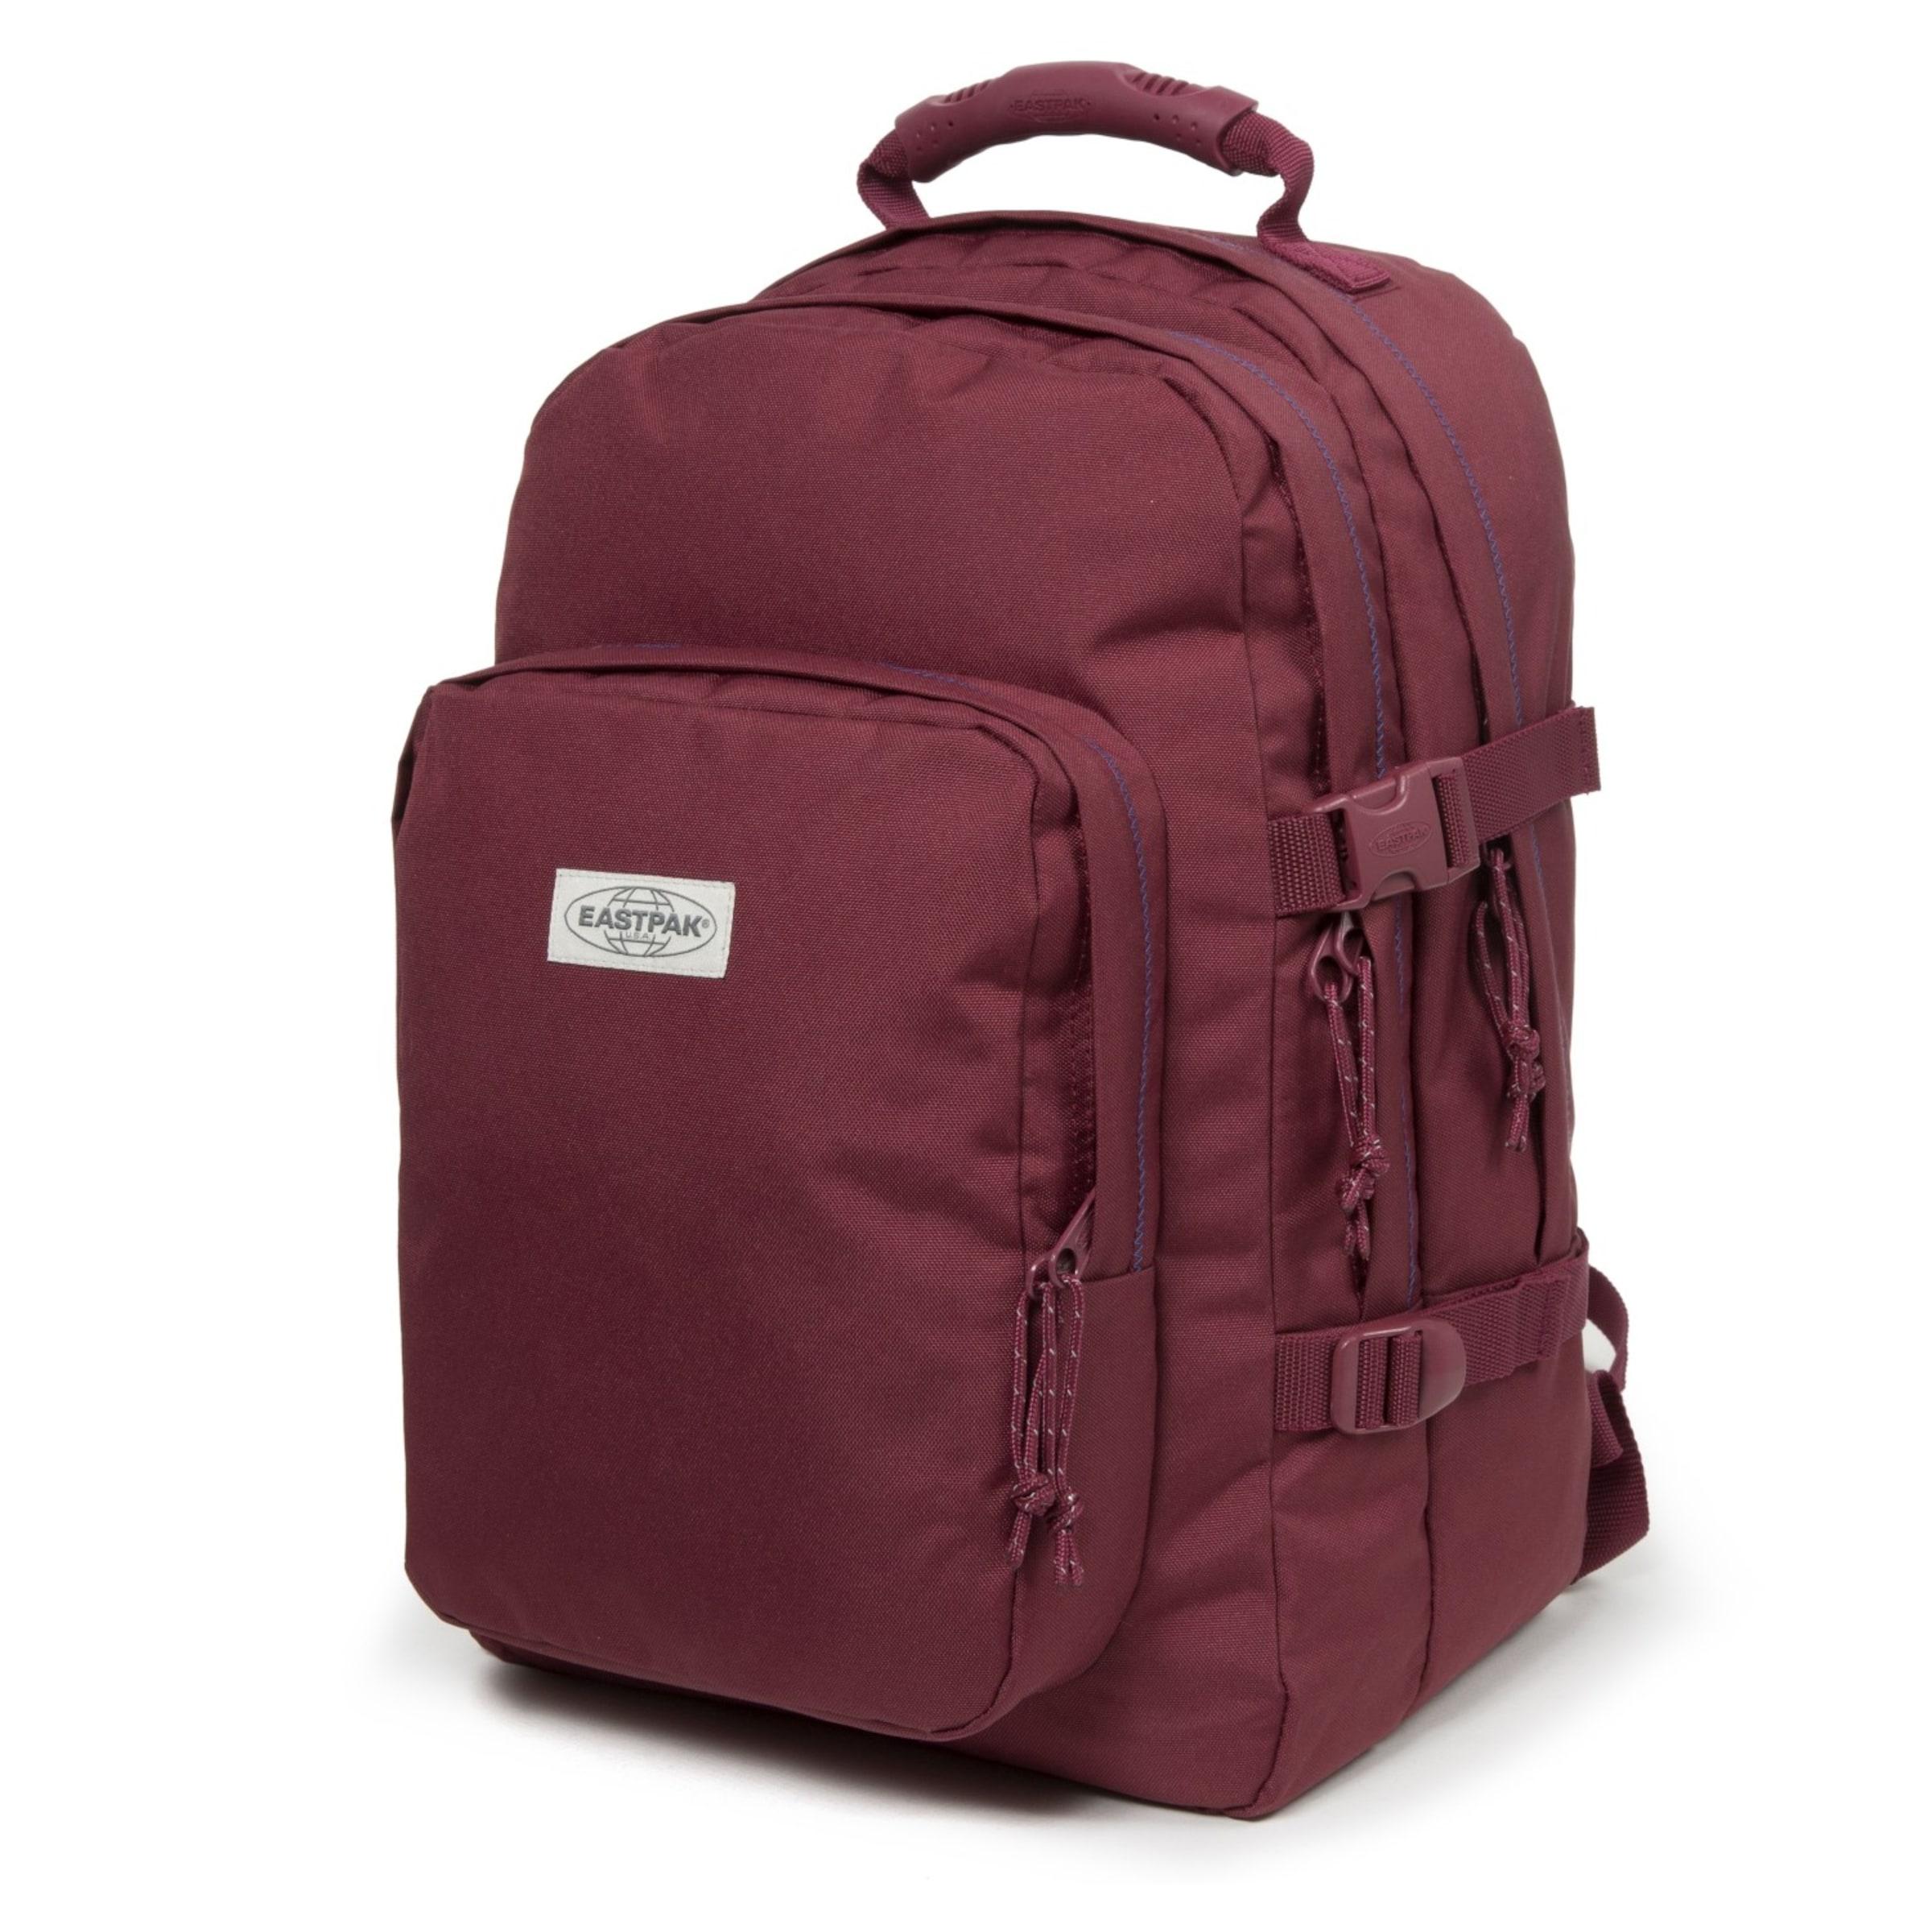 EASTPAK Authentic Collection Provider 17 III Rucksack 44 cm Laptopfach Billig Verkauf Angebote y09ejTyx